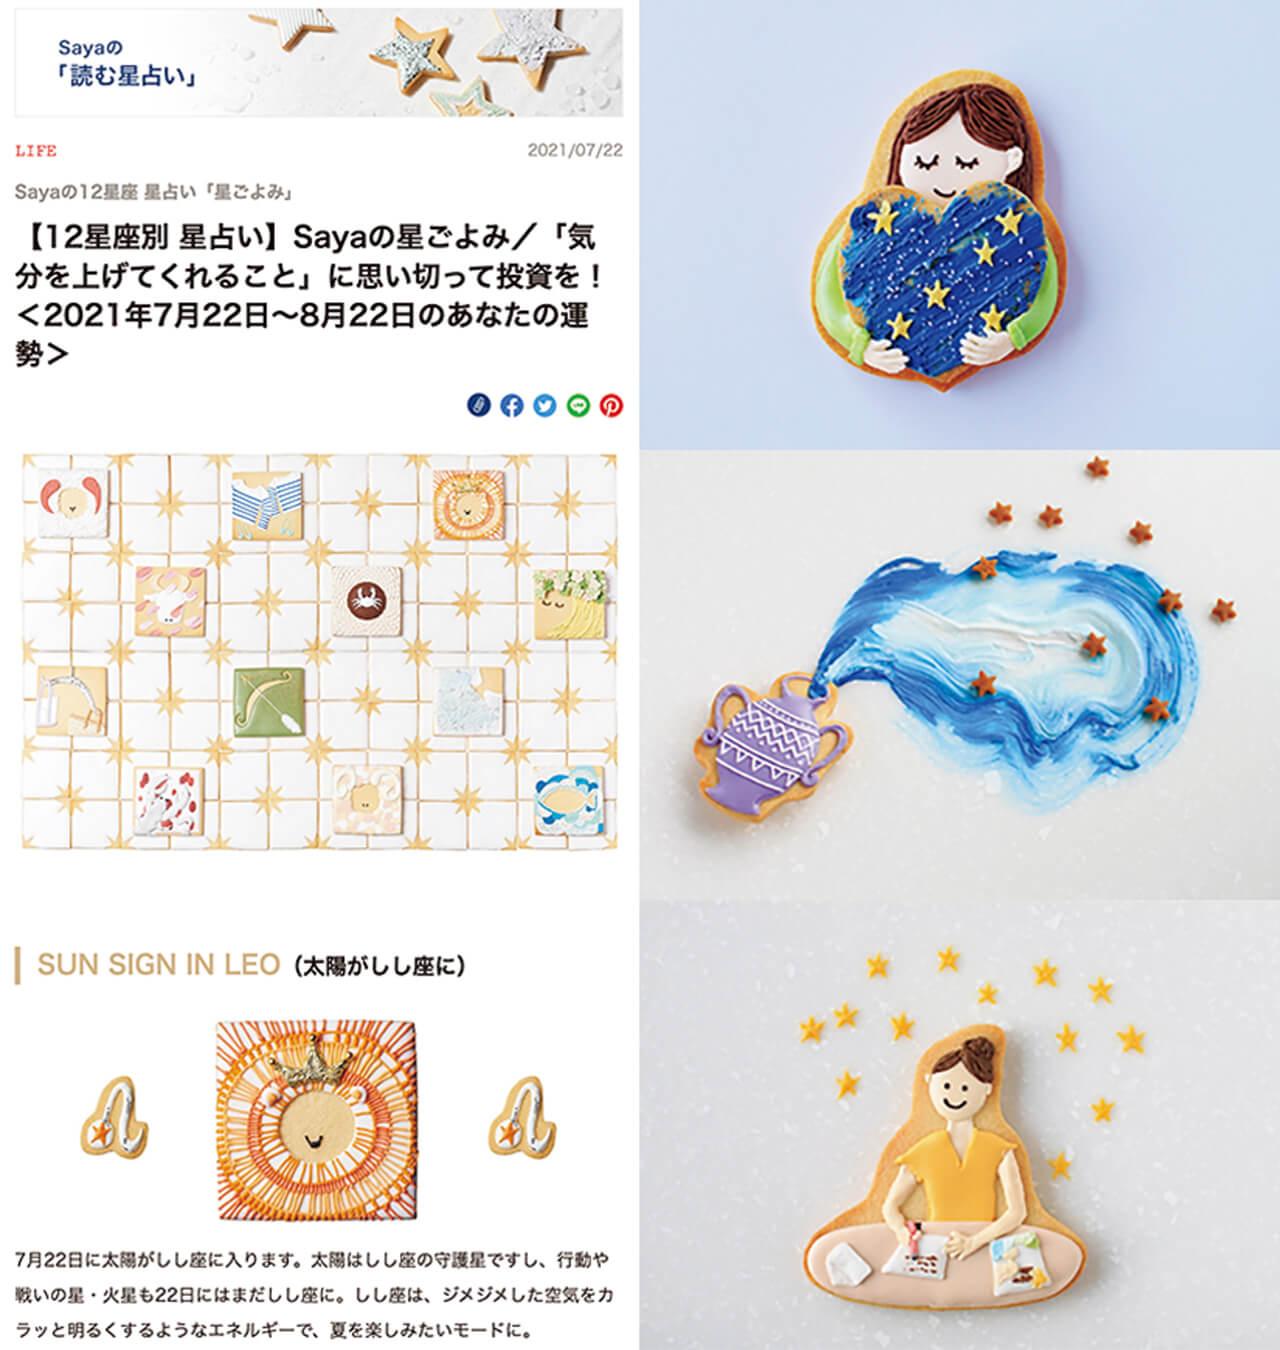 LEEweb人気連載/Sayaさんのウェブサイトの画像と星占いがモチーフの絵が描かれたクッキーの写真